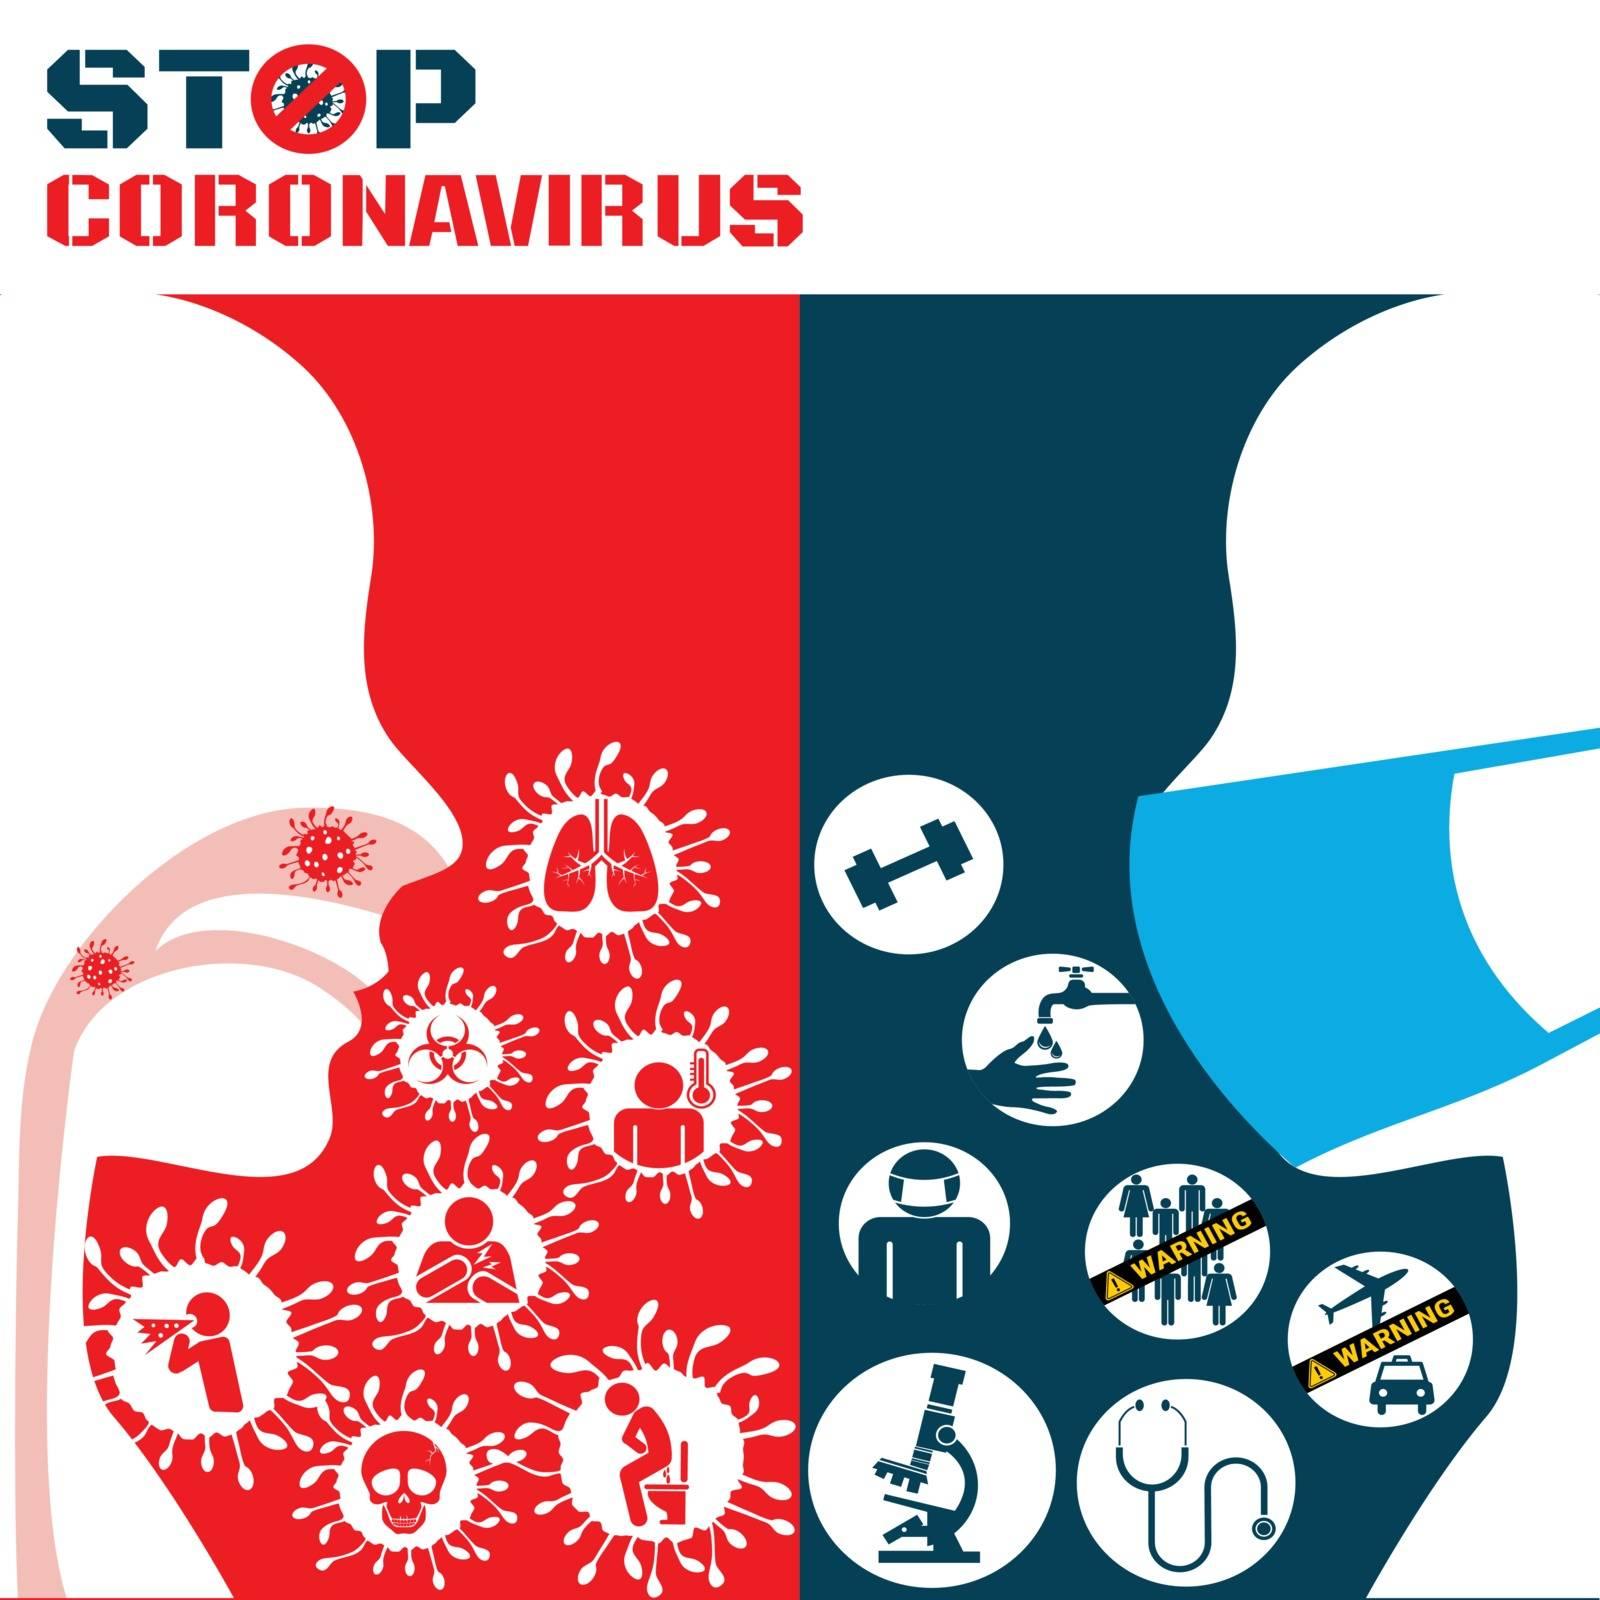 Icon of Covid 19 virus Coronavirus and respiratory pathogens of human